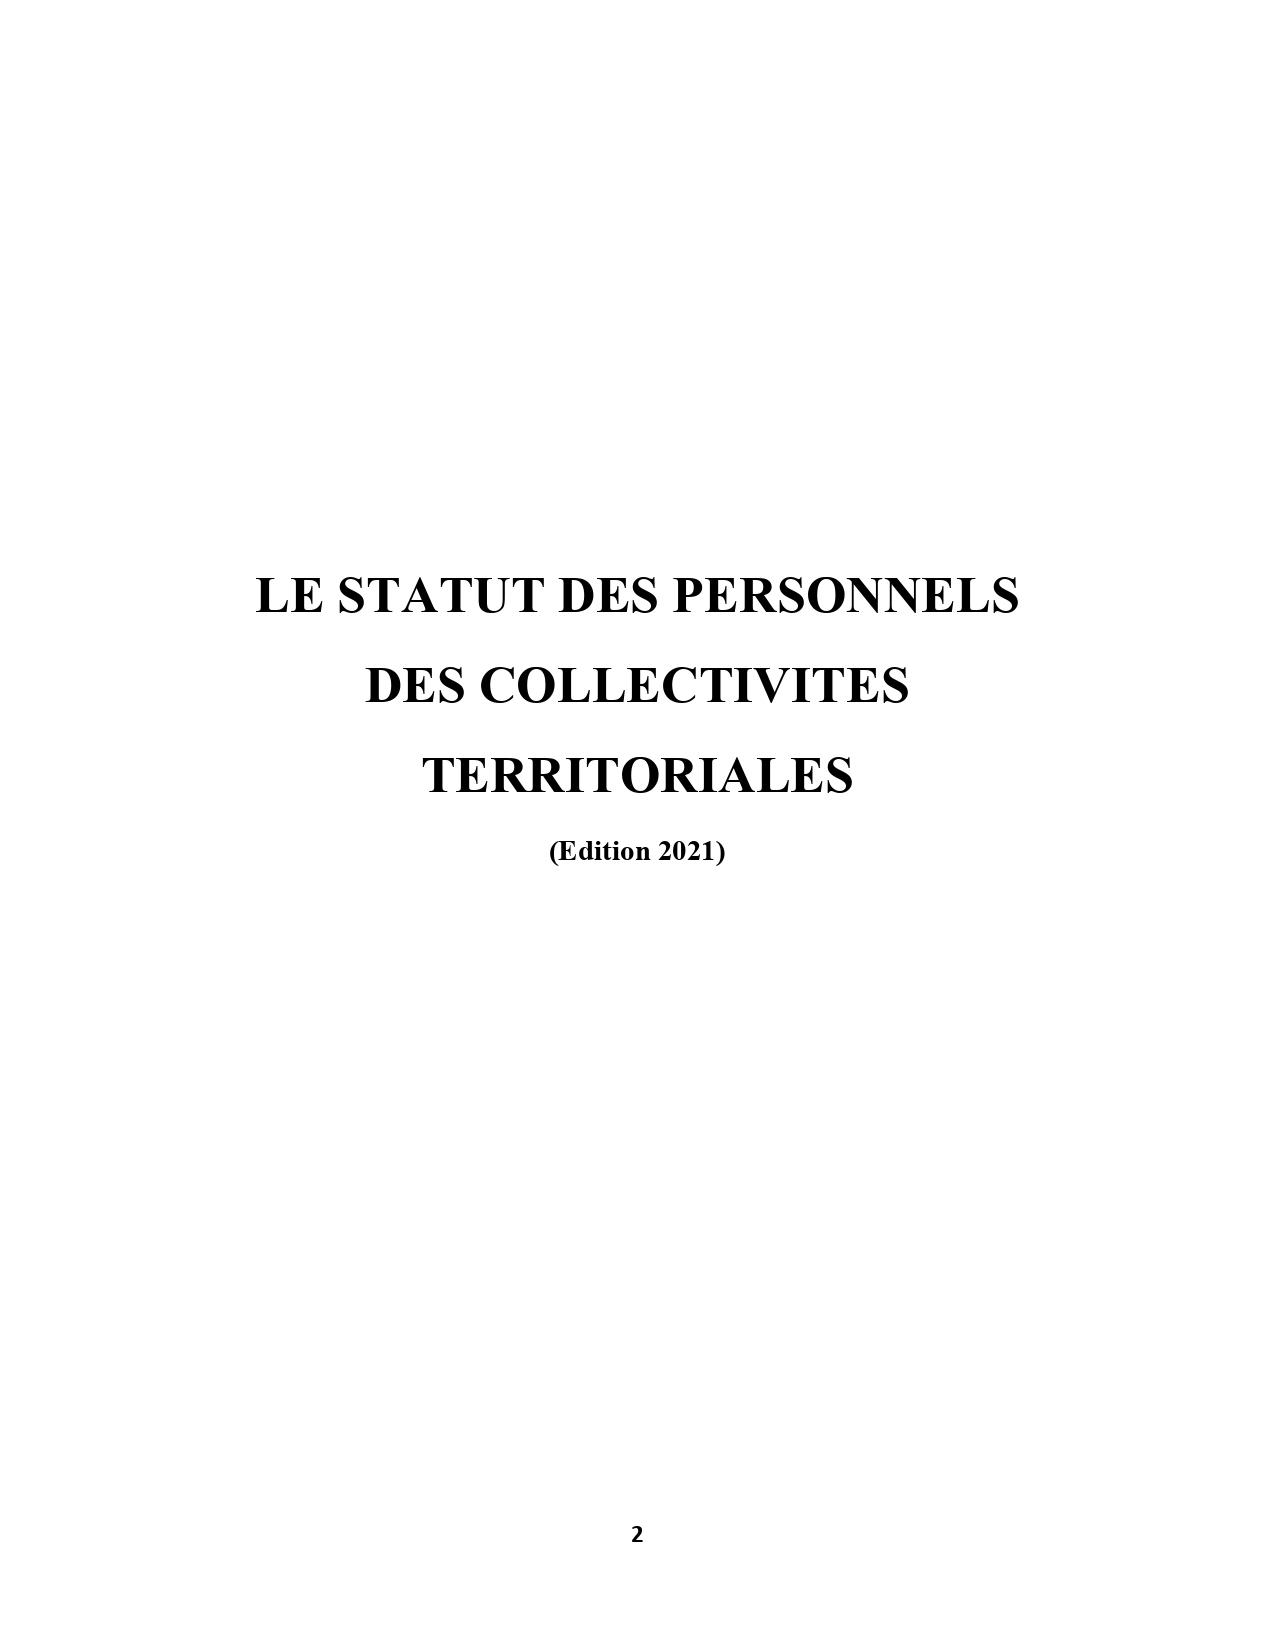 EXTRAIT-Le statut des personnels des collectivit+®s territoriales__page-0002